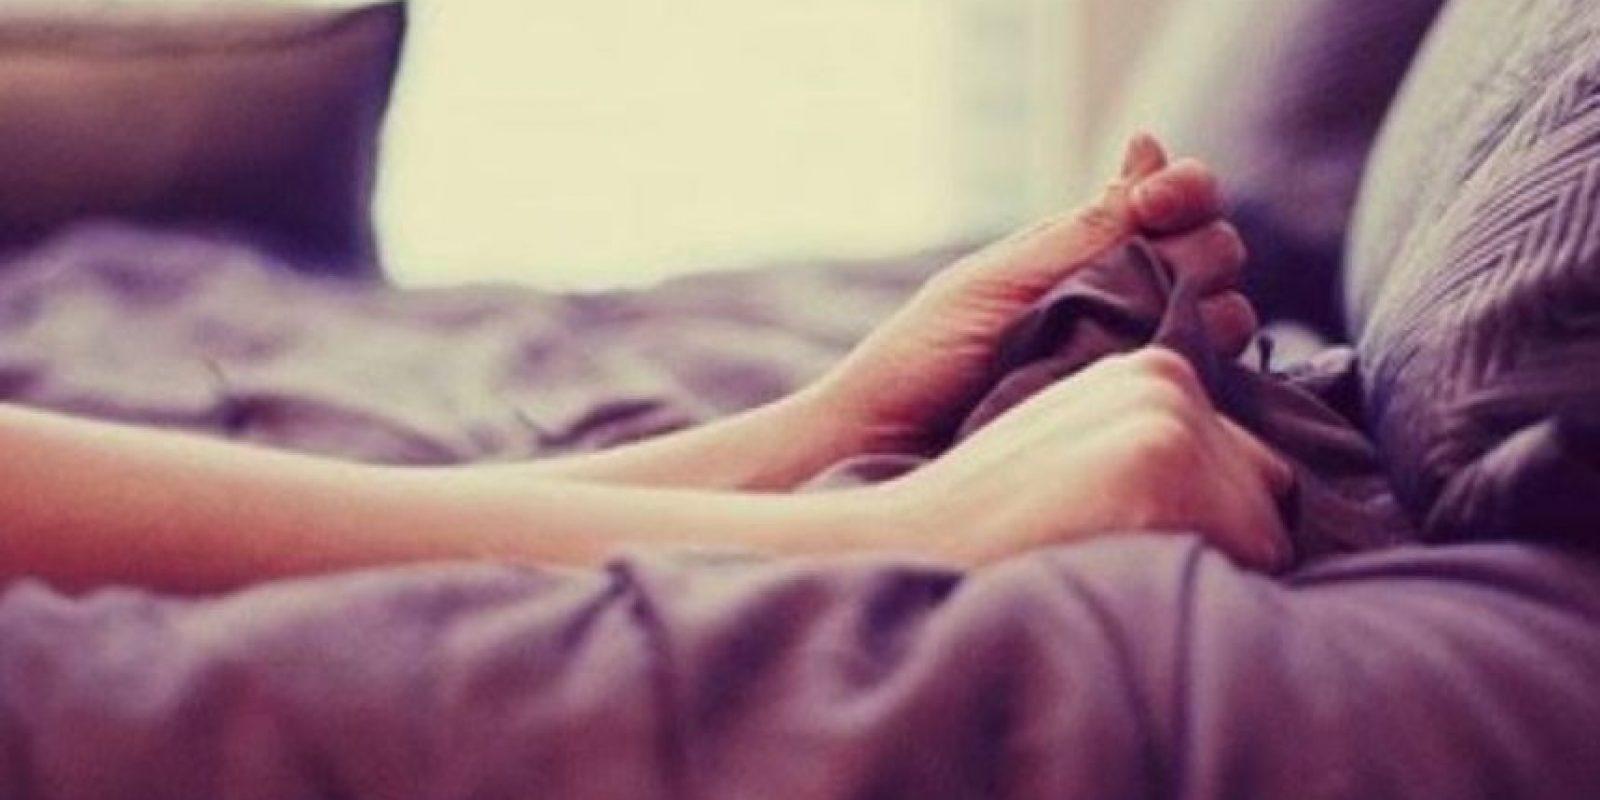 """El estudio también concluyó que los hombres que utilizaron el término """"violación"""" suelen ser más hostiles y tienen actitudes más crueles en el sexo con mujeres Foto:Tumblr.com/tagged-violación"""